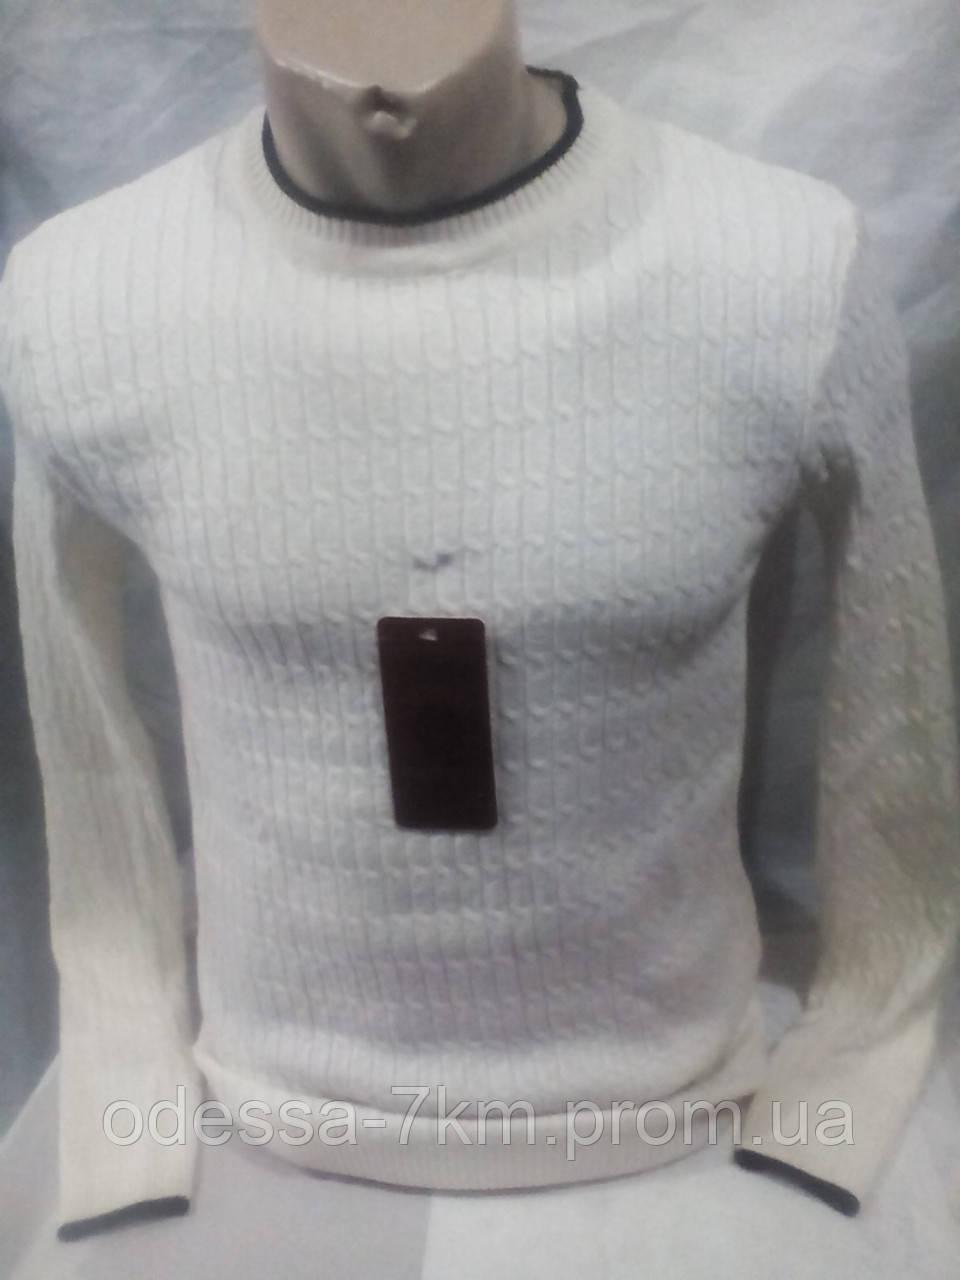 8609316db123e Белый мужской приталенный джемпер 46-48 рр: продажа, цена в Одессе ...